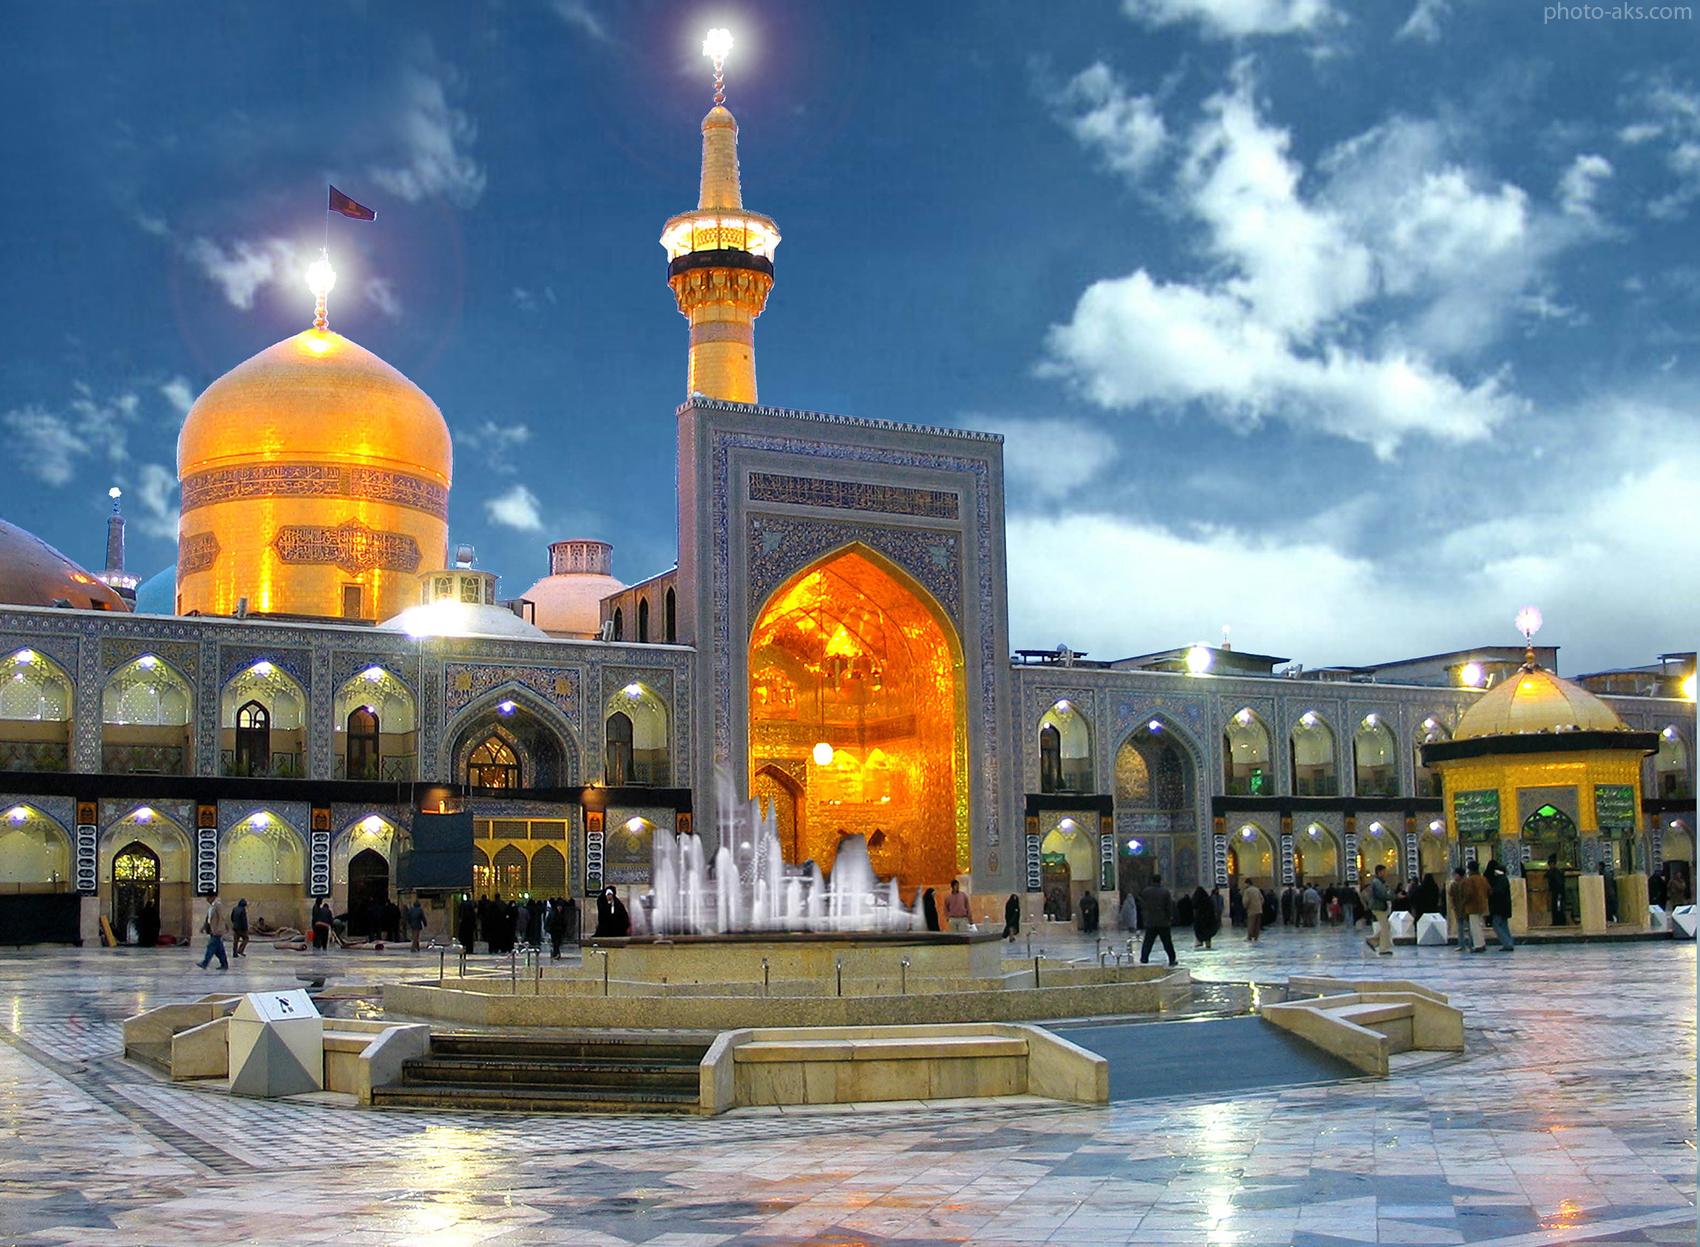 تور مشهد ویژه ۱۹مهر از اصفهان